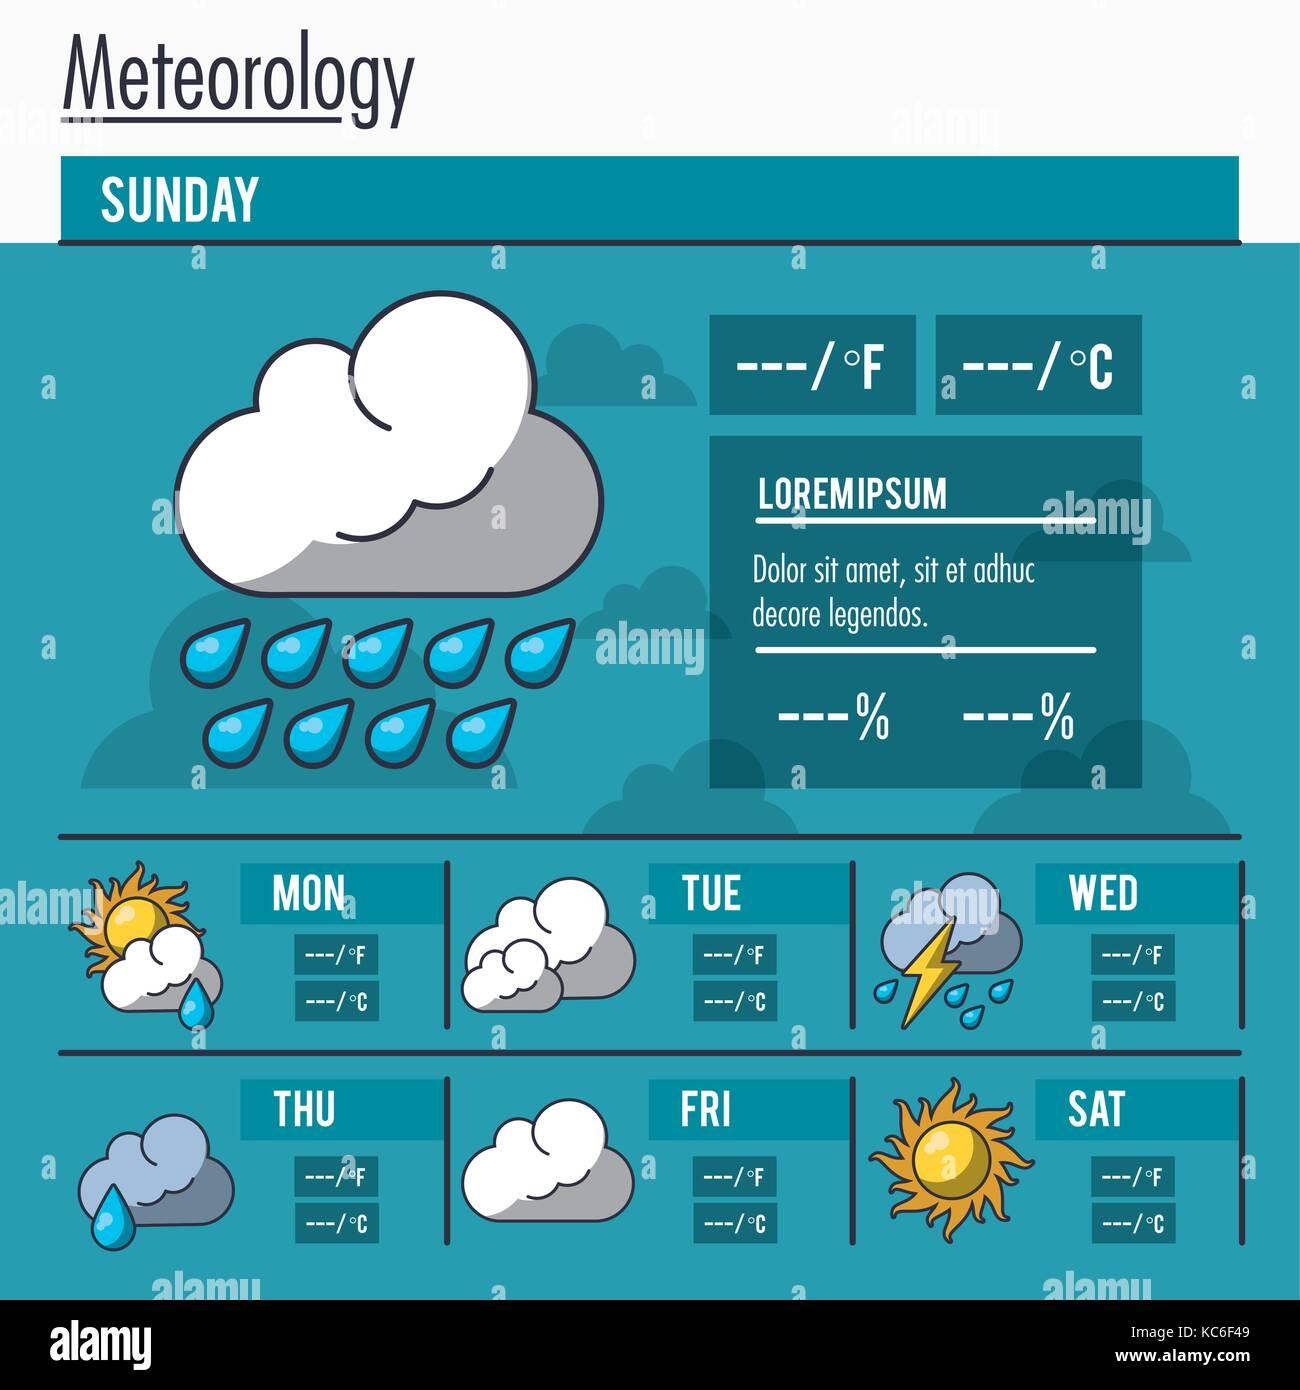 Meteorology infographic report Stock Vector